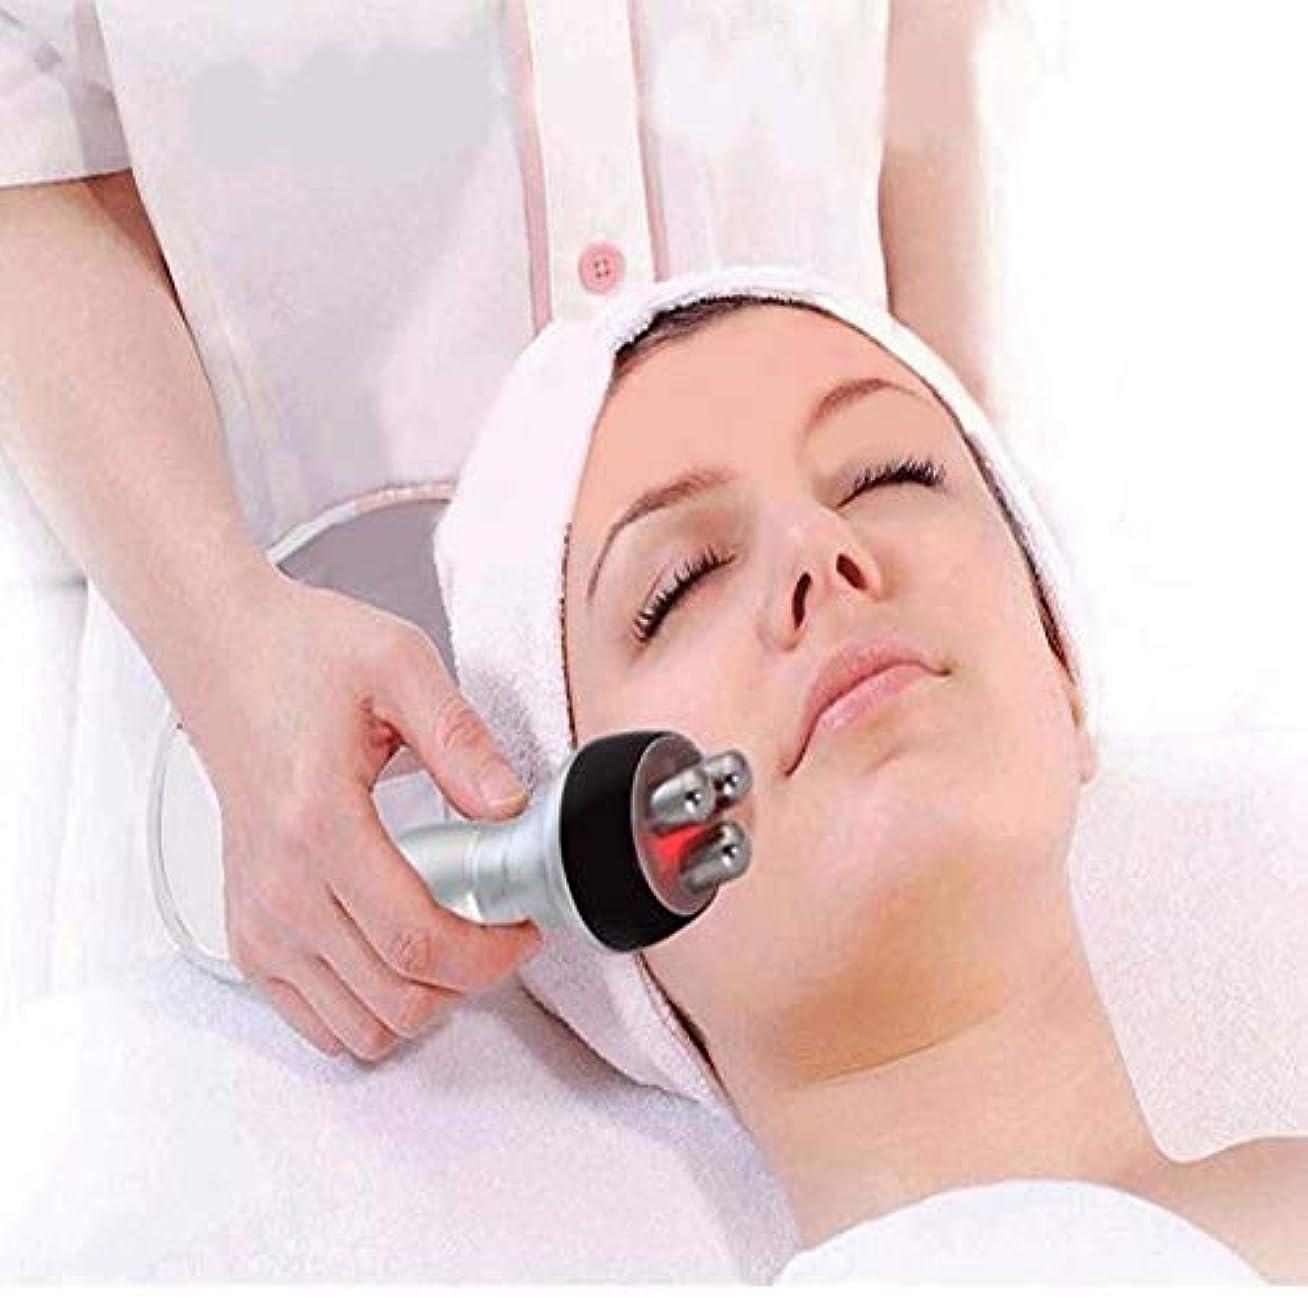 瞑想的ソーセージ中間美容デバイス - RF無線周波数フェイシャル?マシン、ホーム用アンチエイジングを引き締め肌の若返りしわ除去肌のためのポータブル?フェイシャルマシン